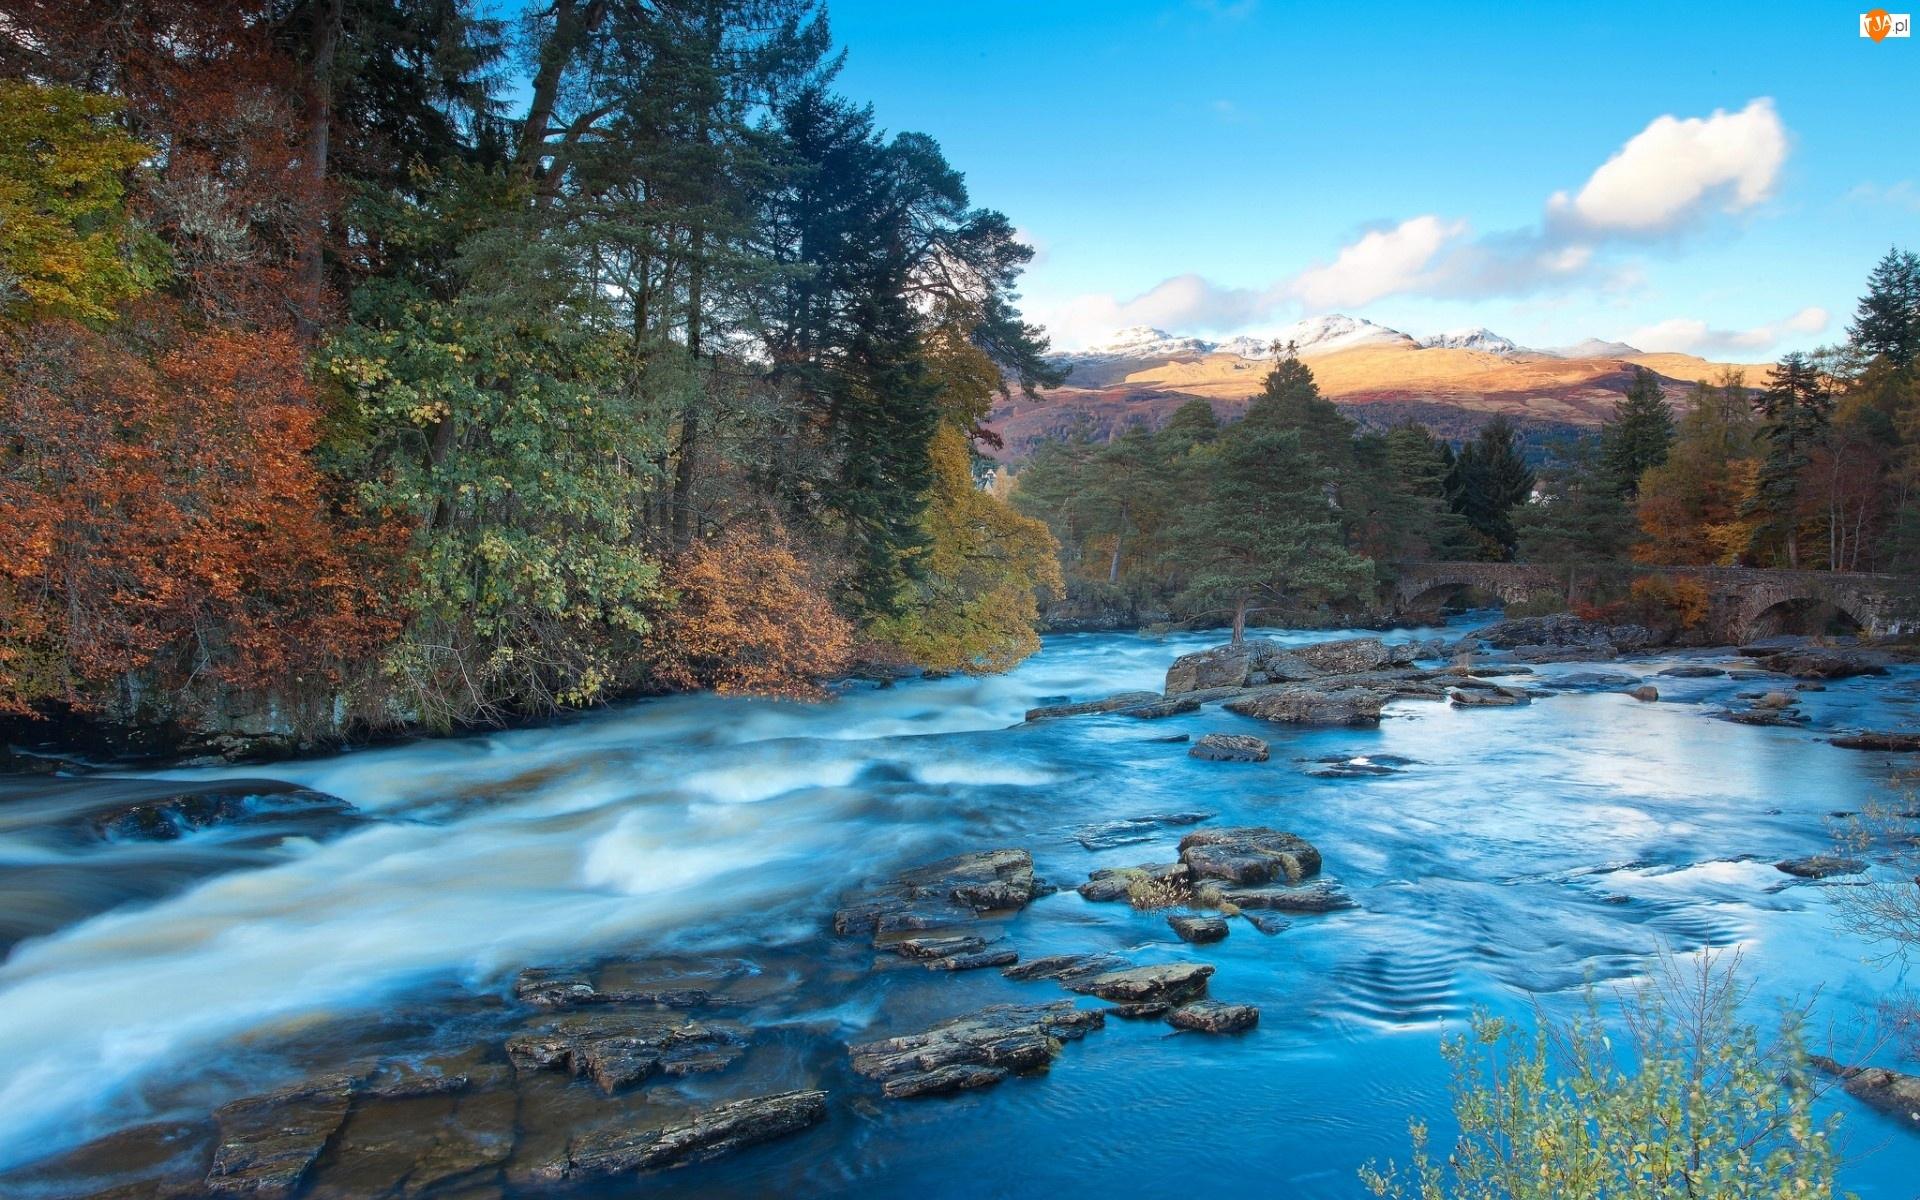 Kamienie, Góry, Rzeka, Jesień, Most, Drzewa